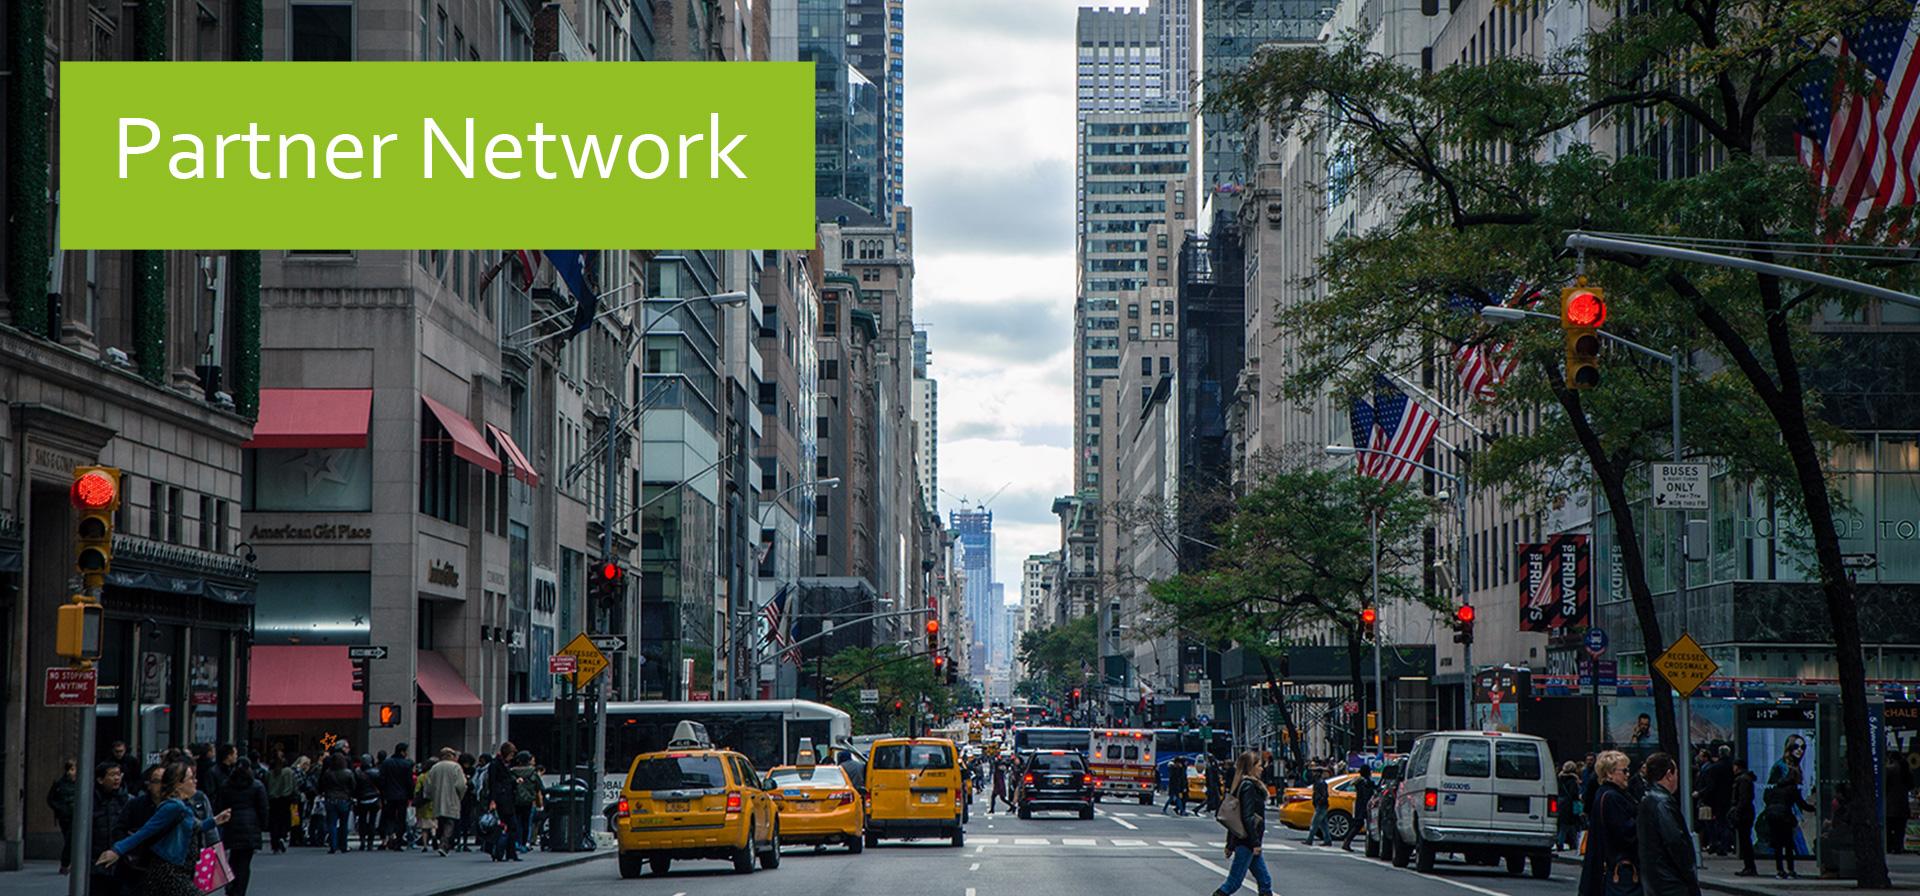 Partner Network.jpg